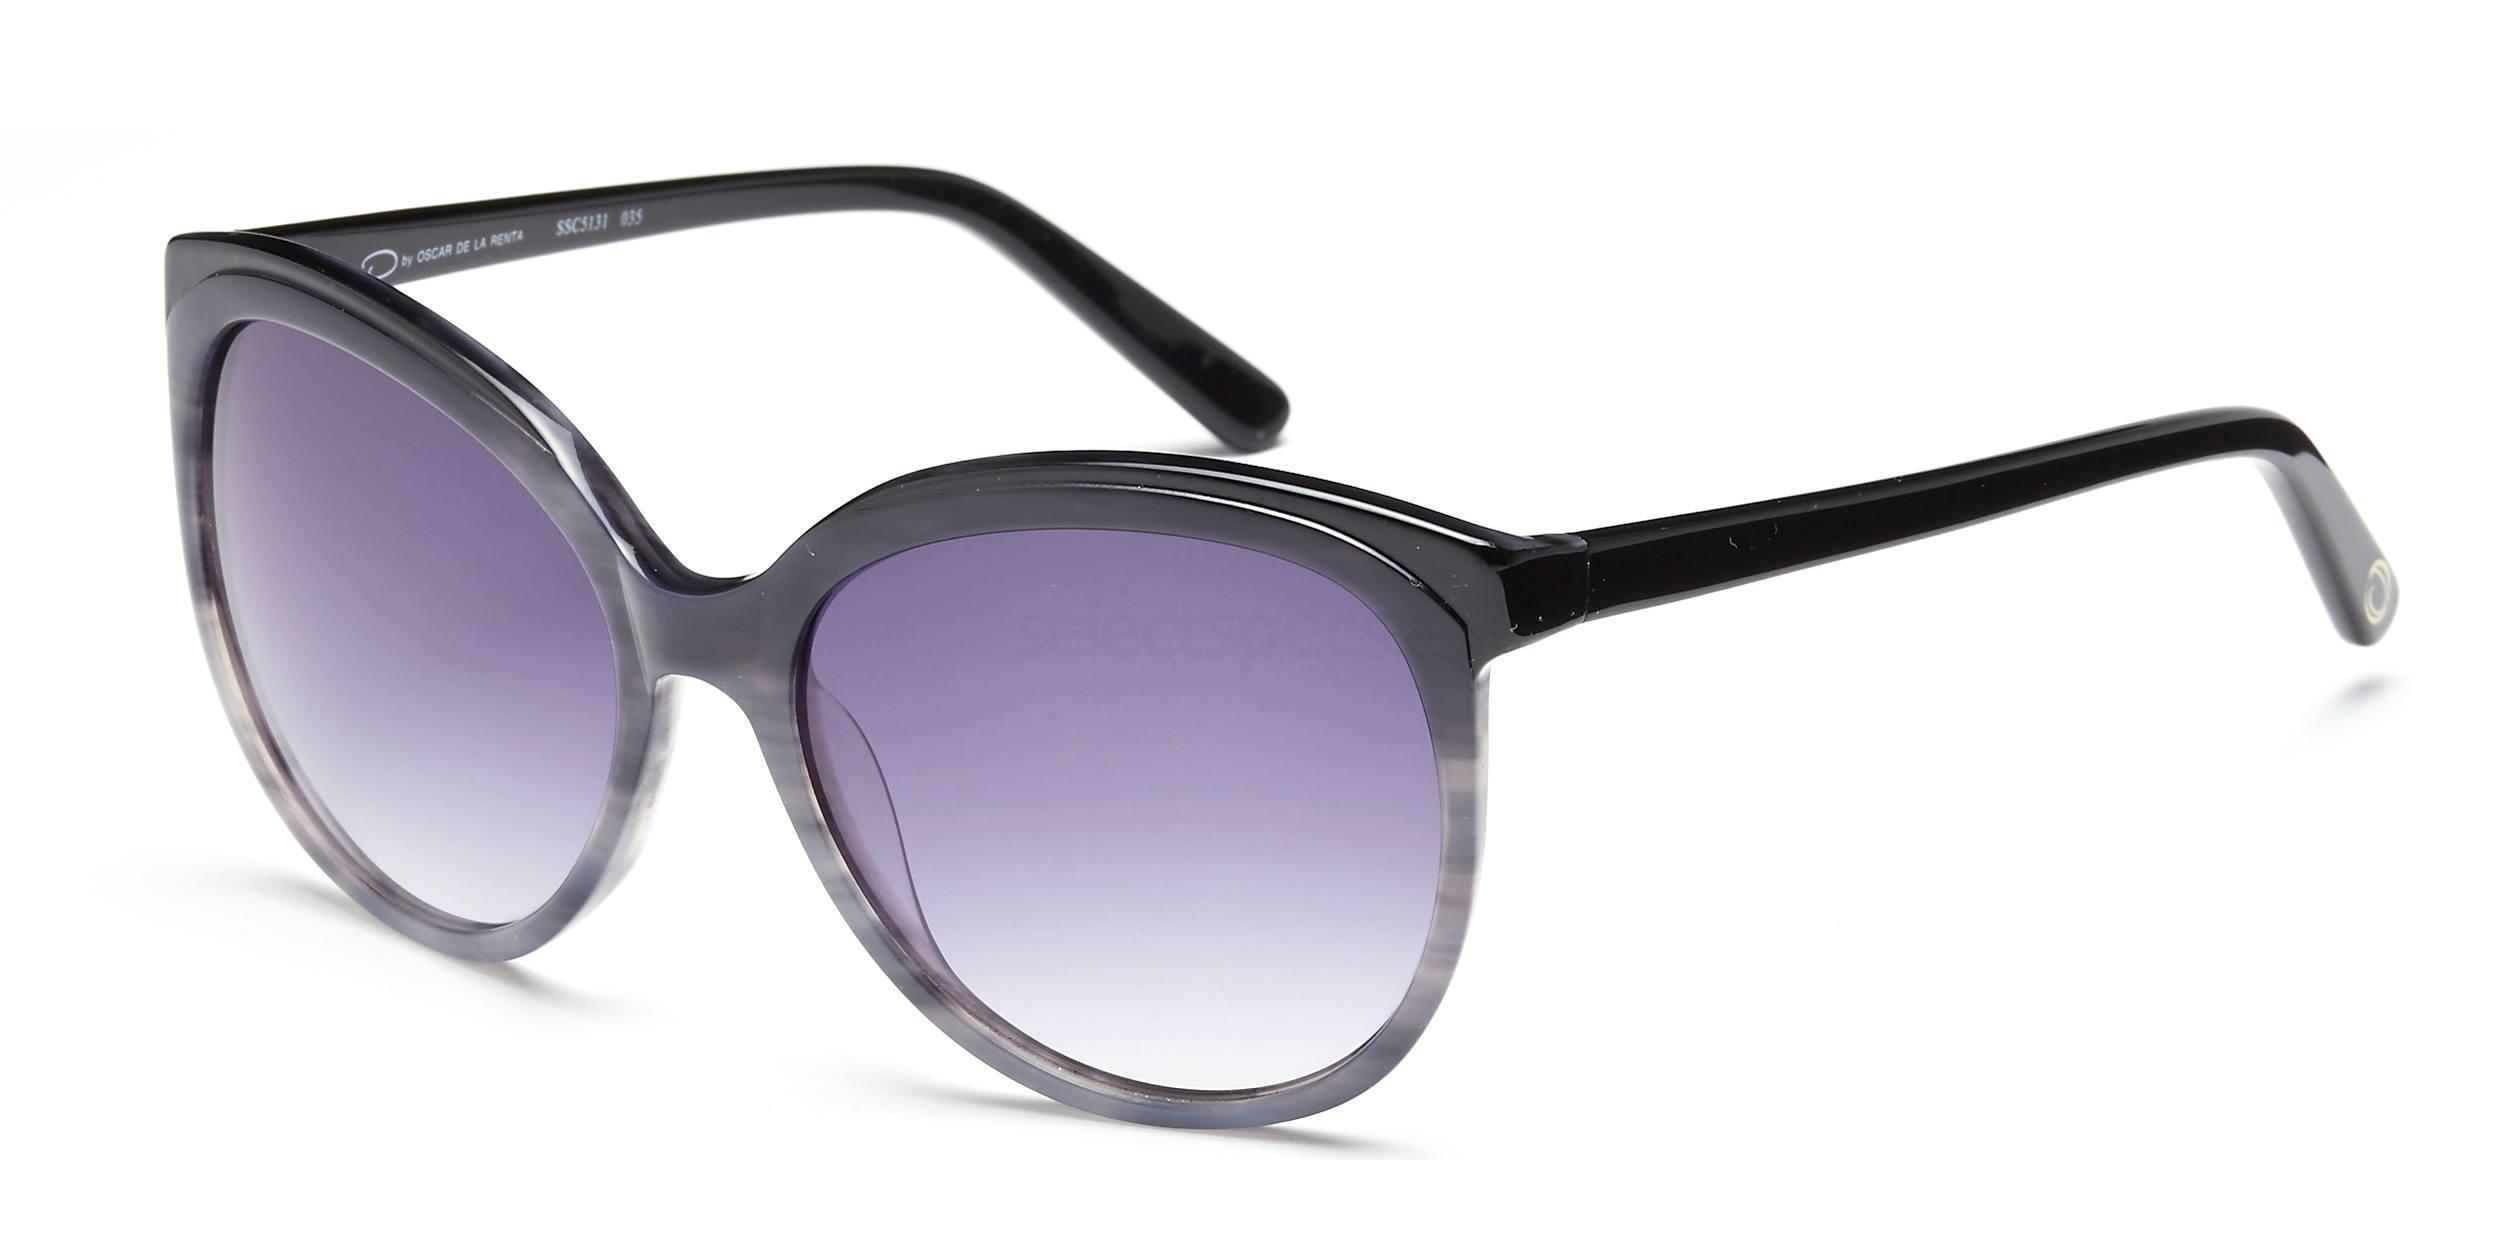 C1 SSC5131 Sunglasses, Oscar De La Renta